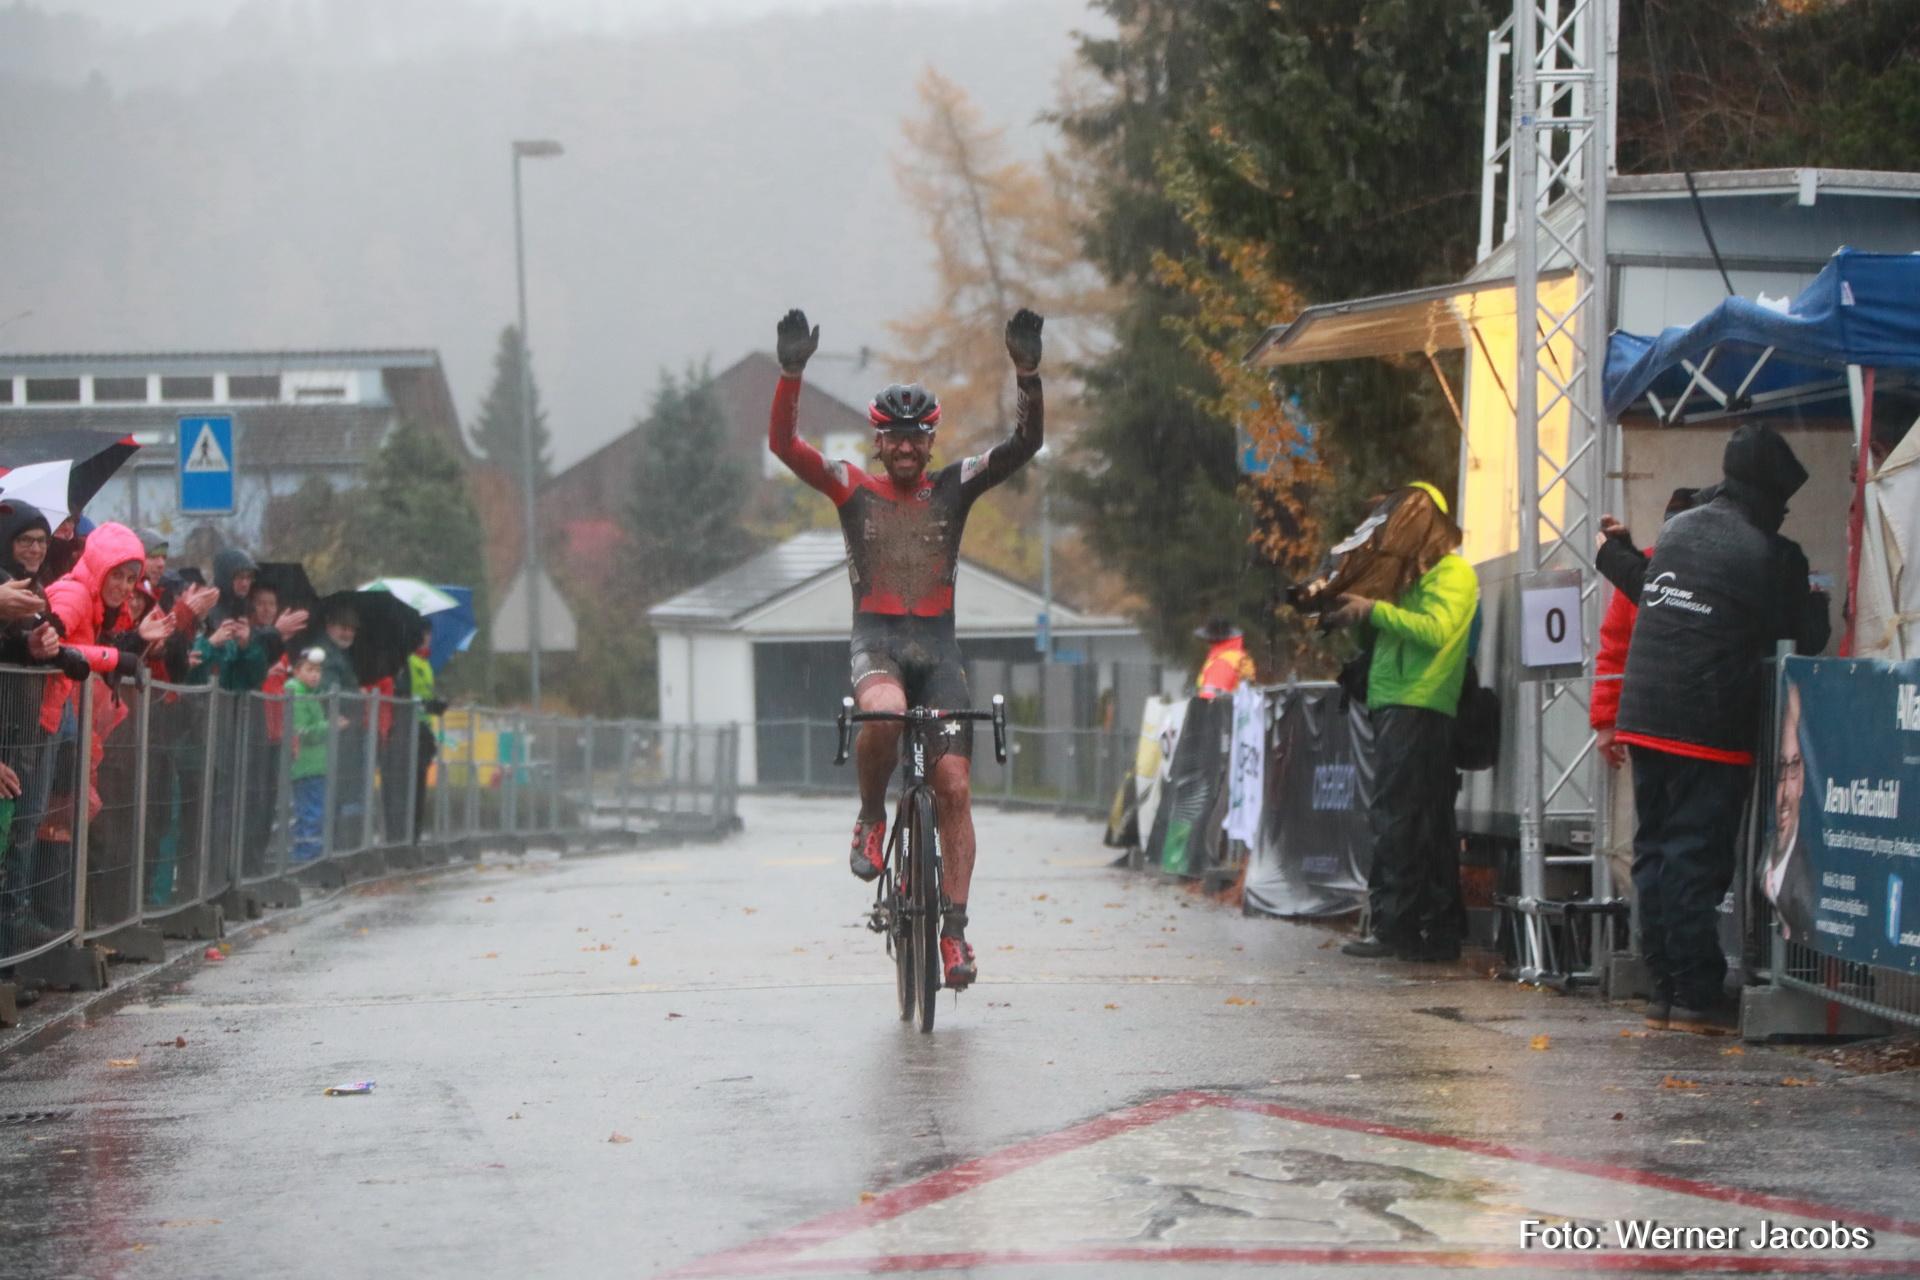 Lars Forster gewinnt das Rennen der Herren - Foto: Werner Jakobs